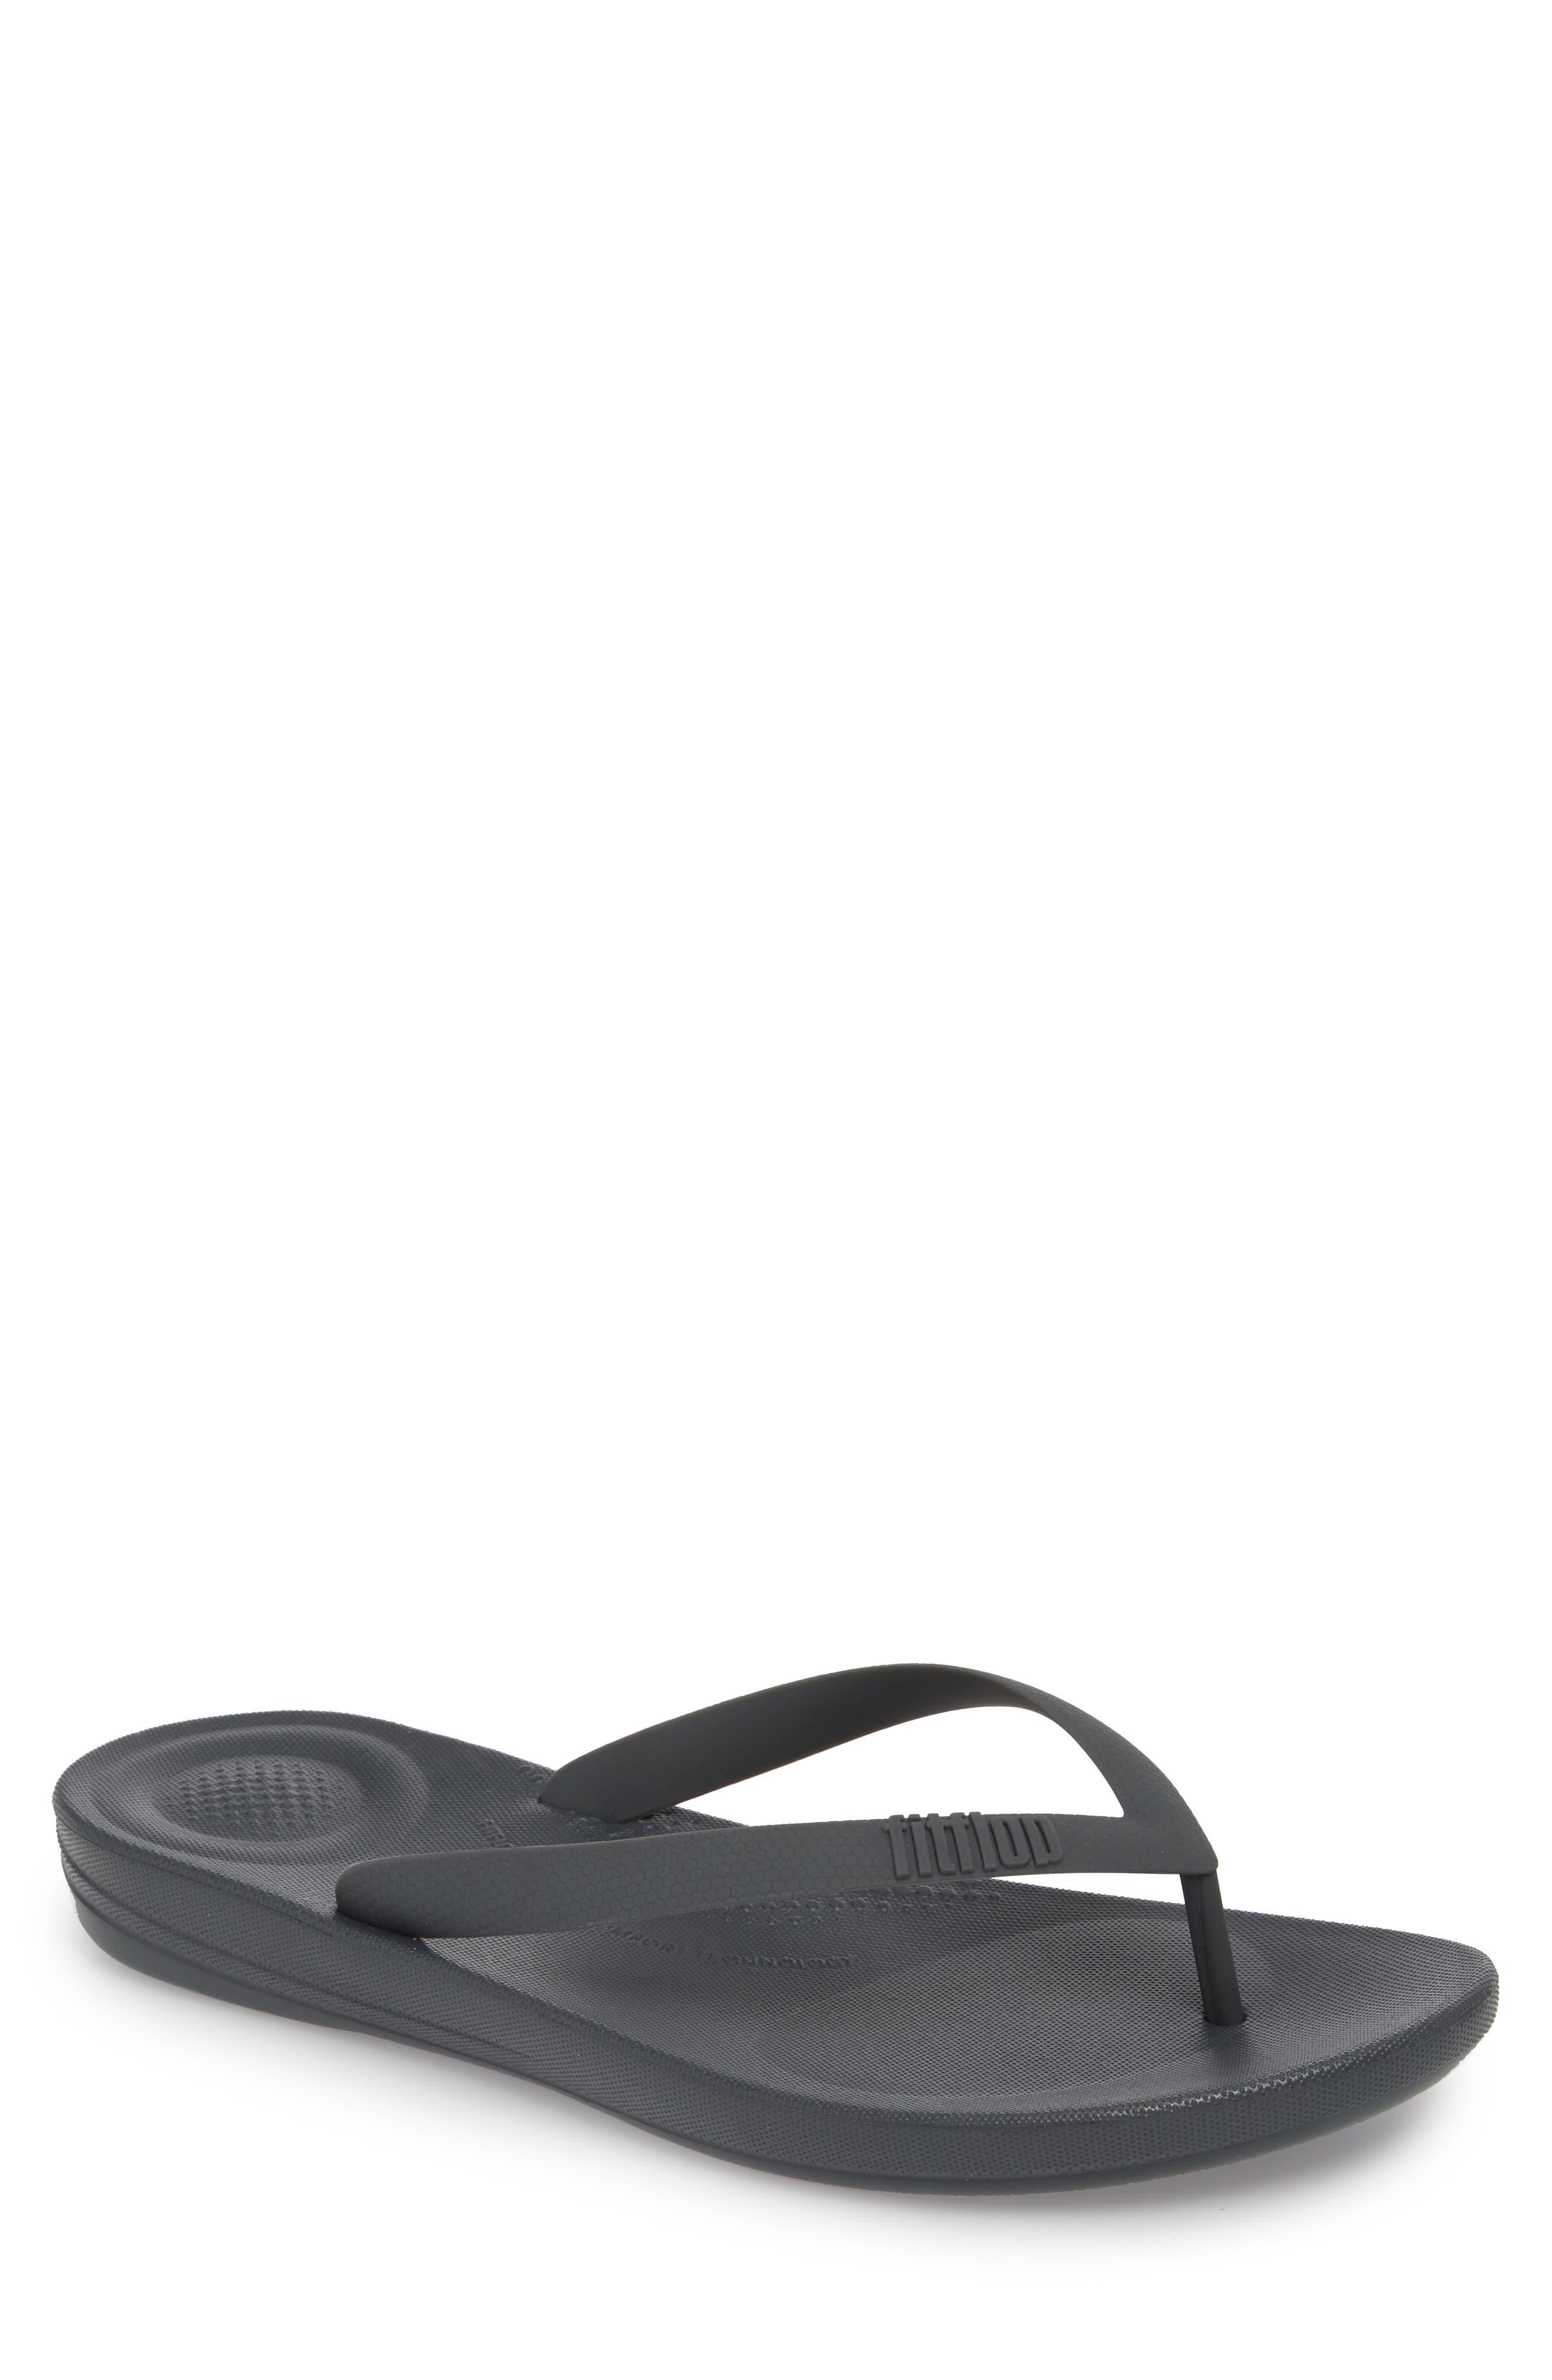 iQushion Flip Flop,                         Main,                         color, Charcoal Rubber